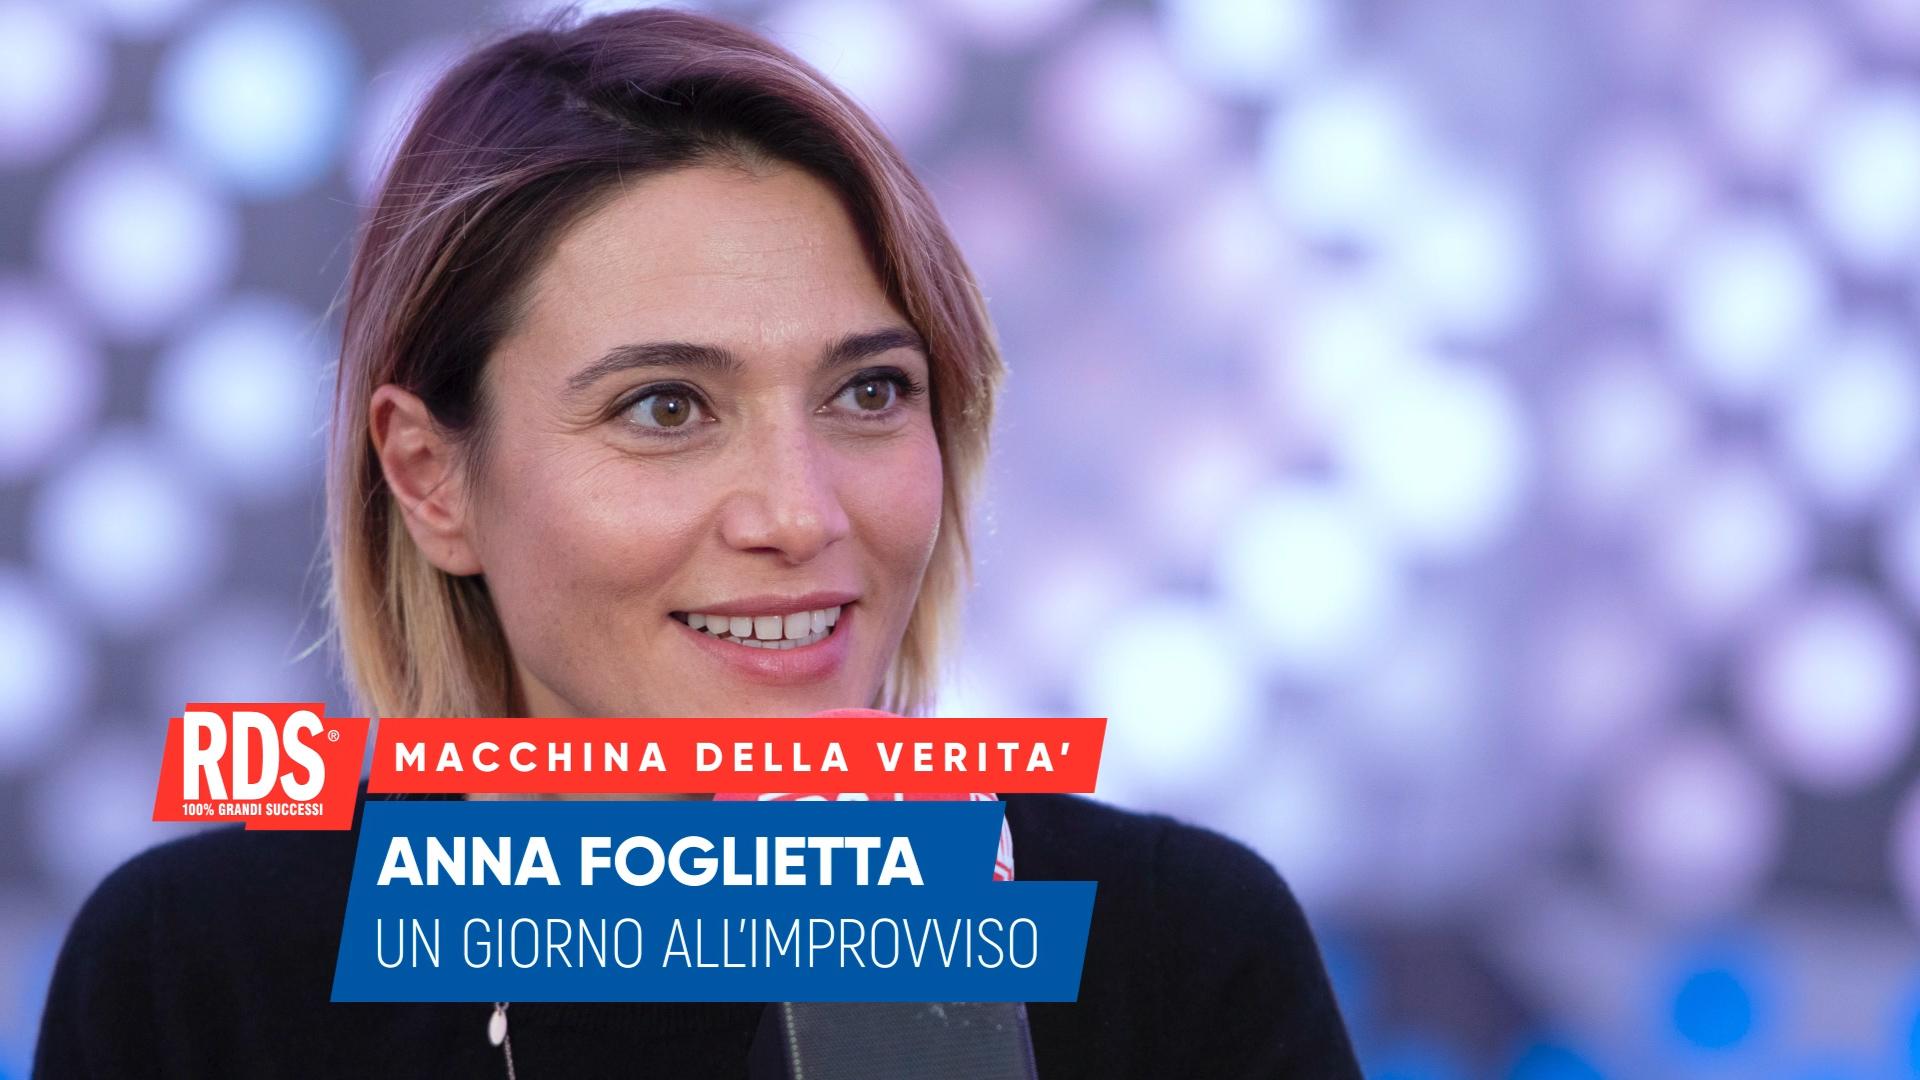 Anna Foglietta risponde alle domande della Macchina Della Verità RDS